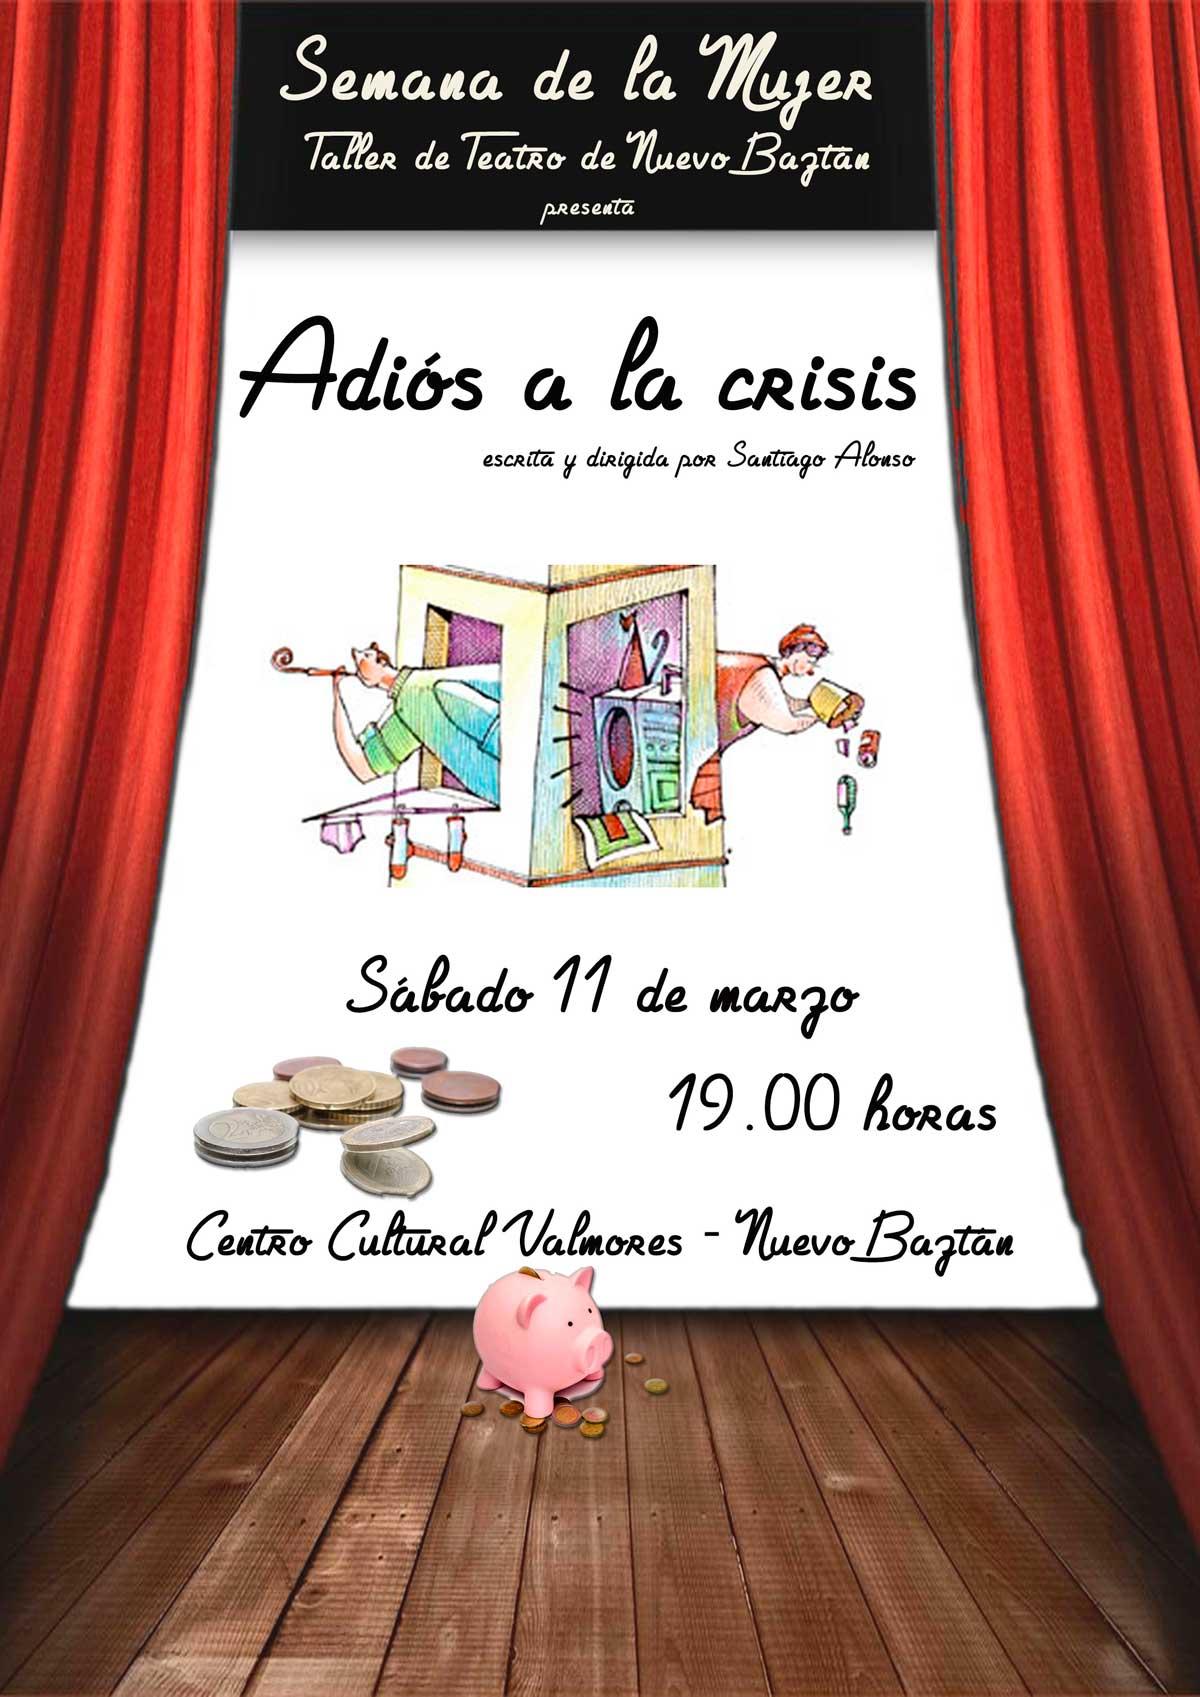 Taller de Teatro de Nuevo Baztán pressenta: Adiós a la crisis.